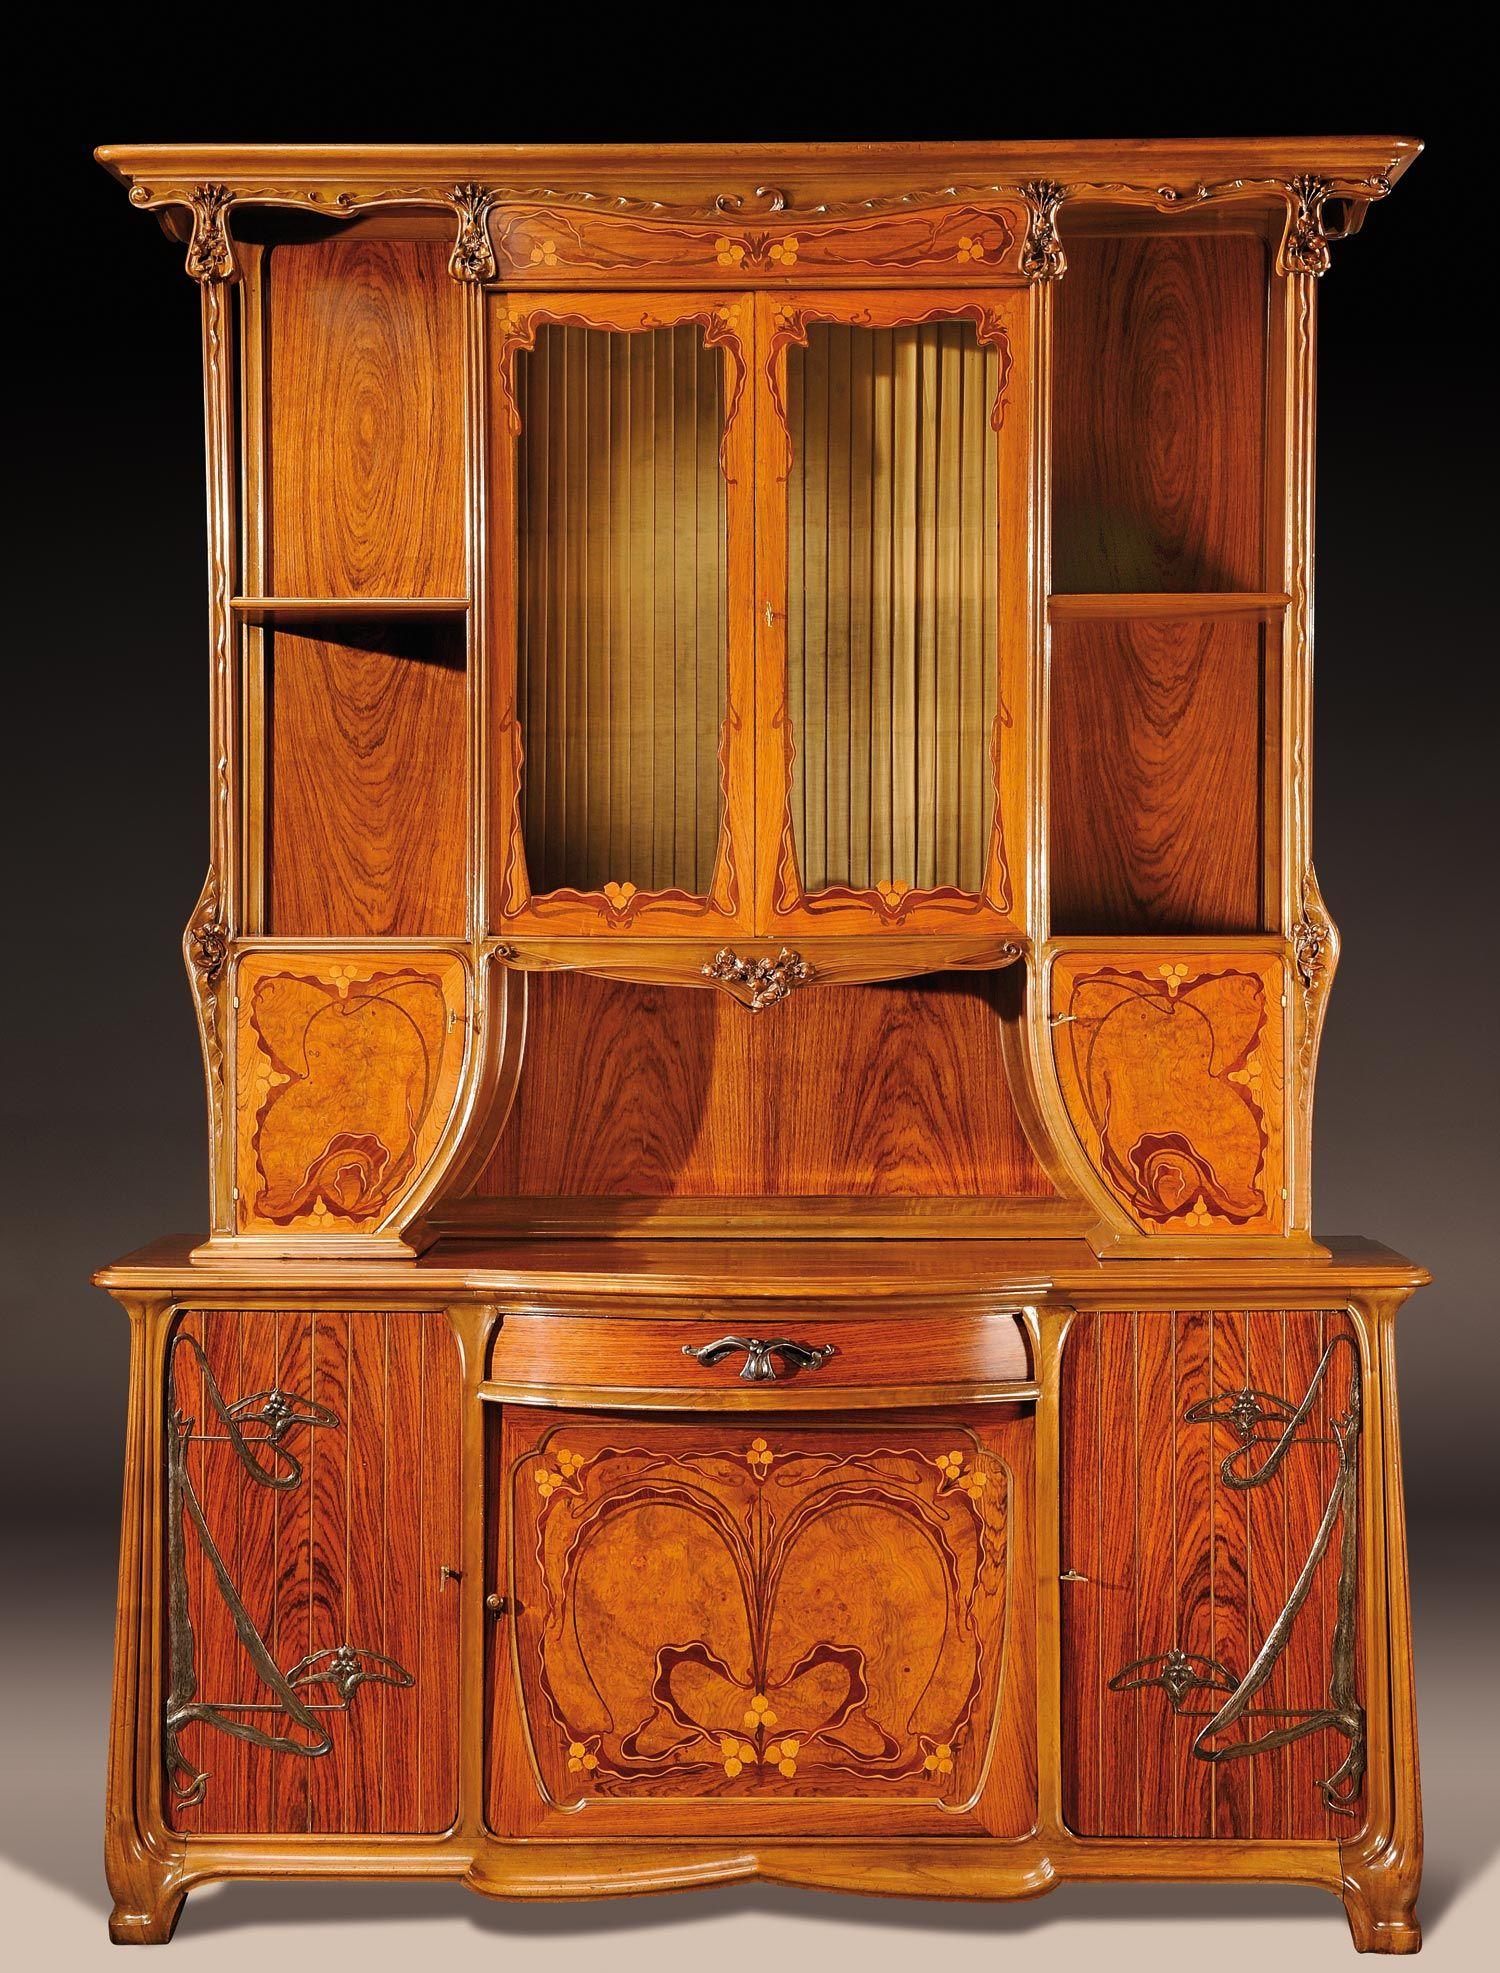 Louis majorelle 1859 1926 meuble de style pinterest art nouveau mobilier de salon et - Art nouveau meuble ...